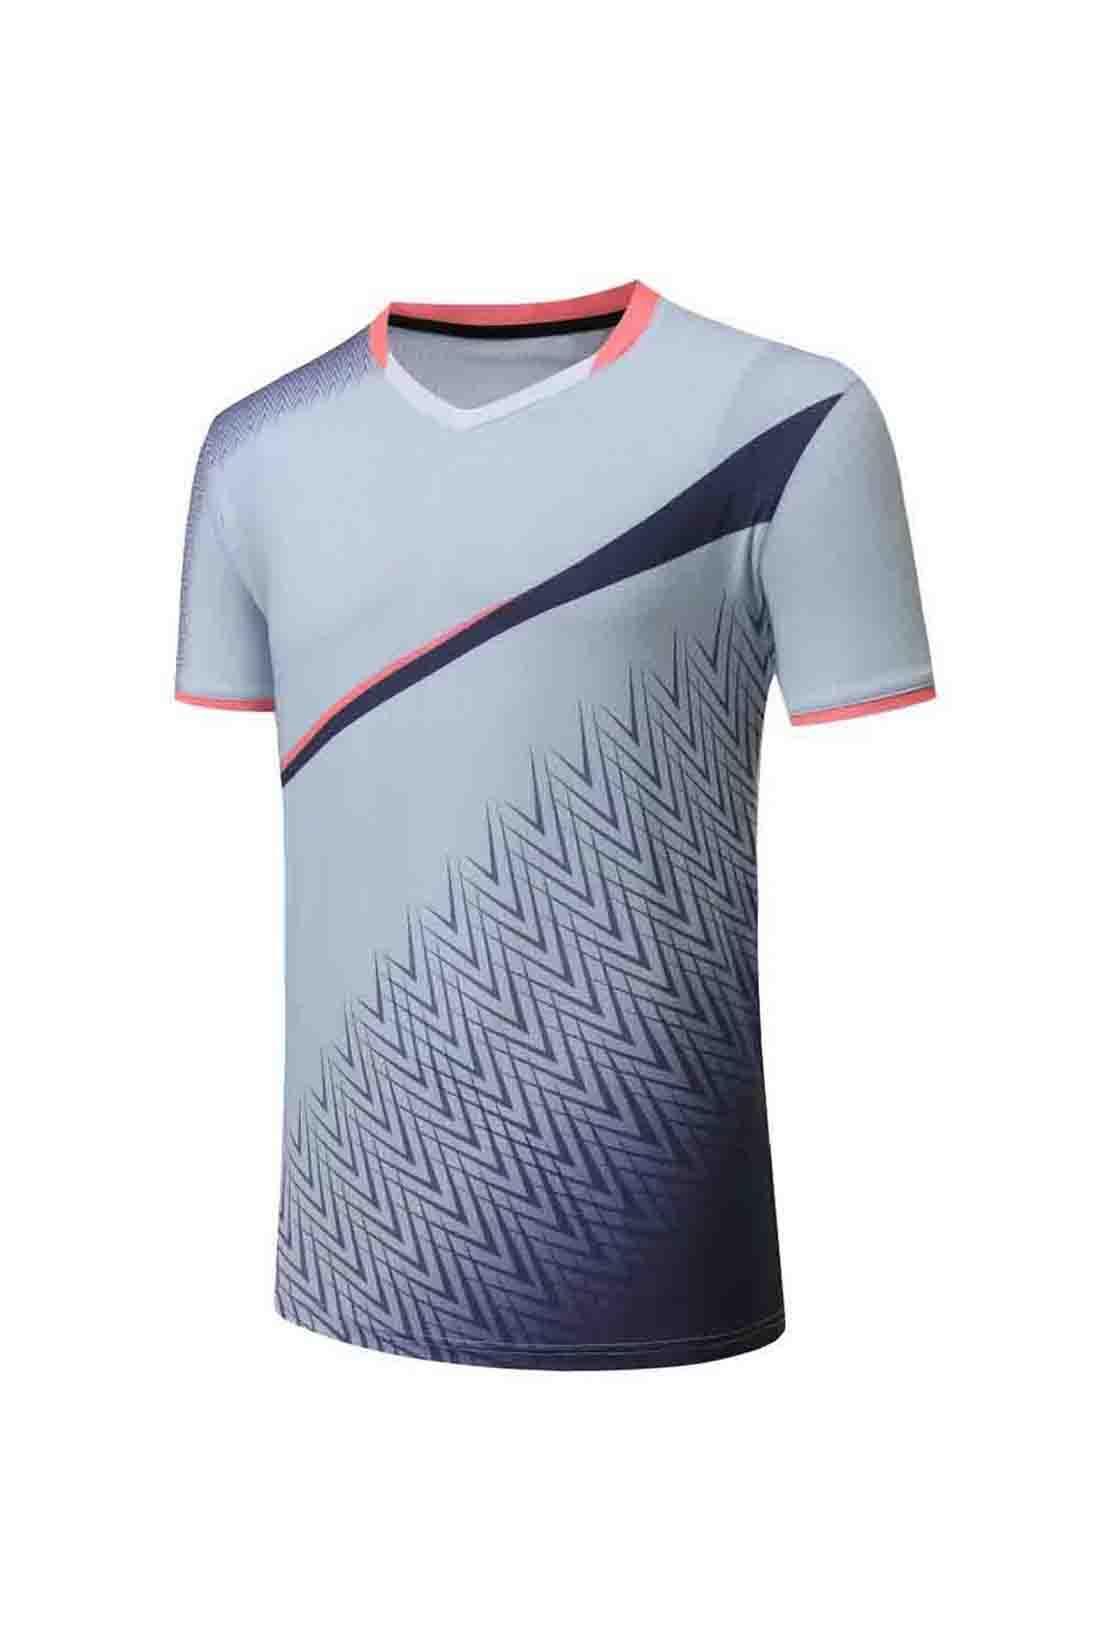 # 473 Chemise de tennis vierge Badminton Jersey Hommes Femmes Sportswear Formulaire Vendue Témoin de sport